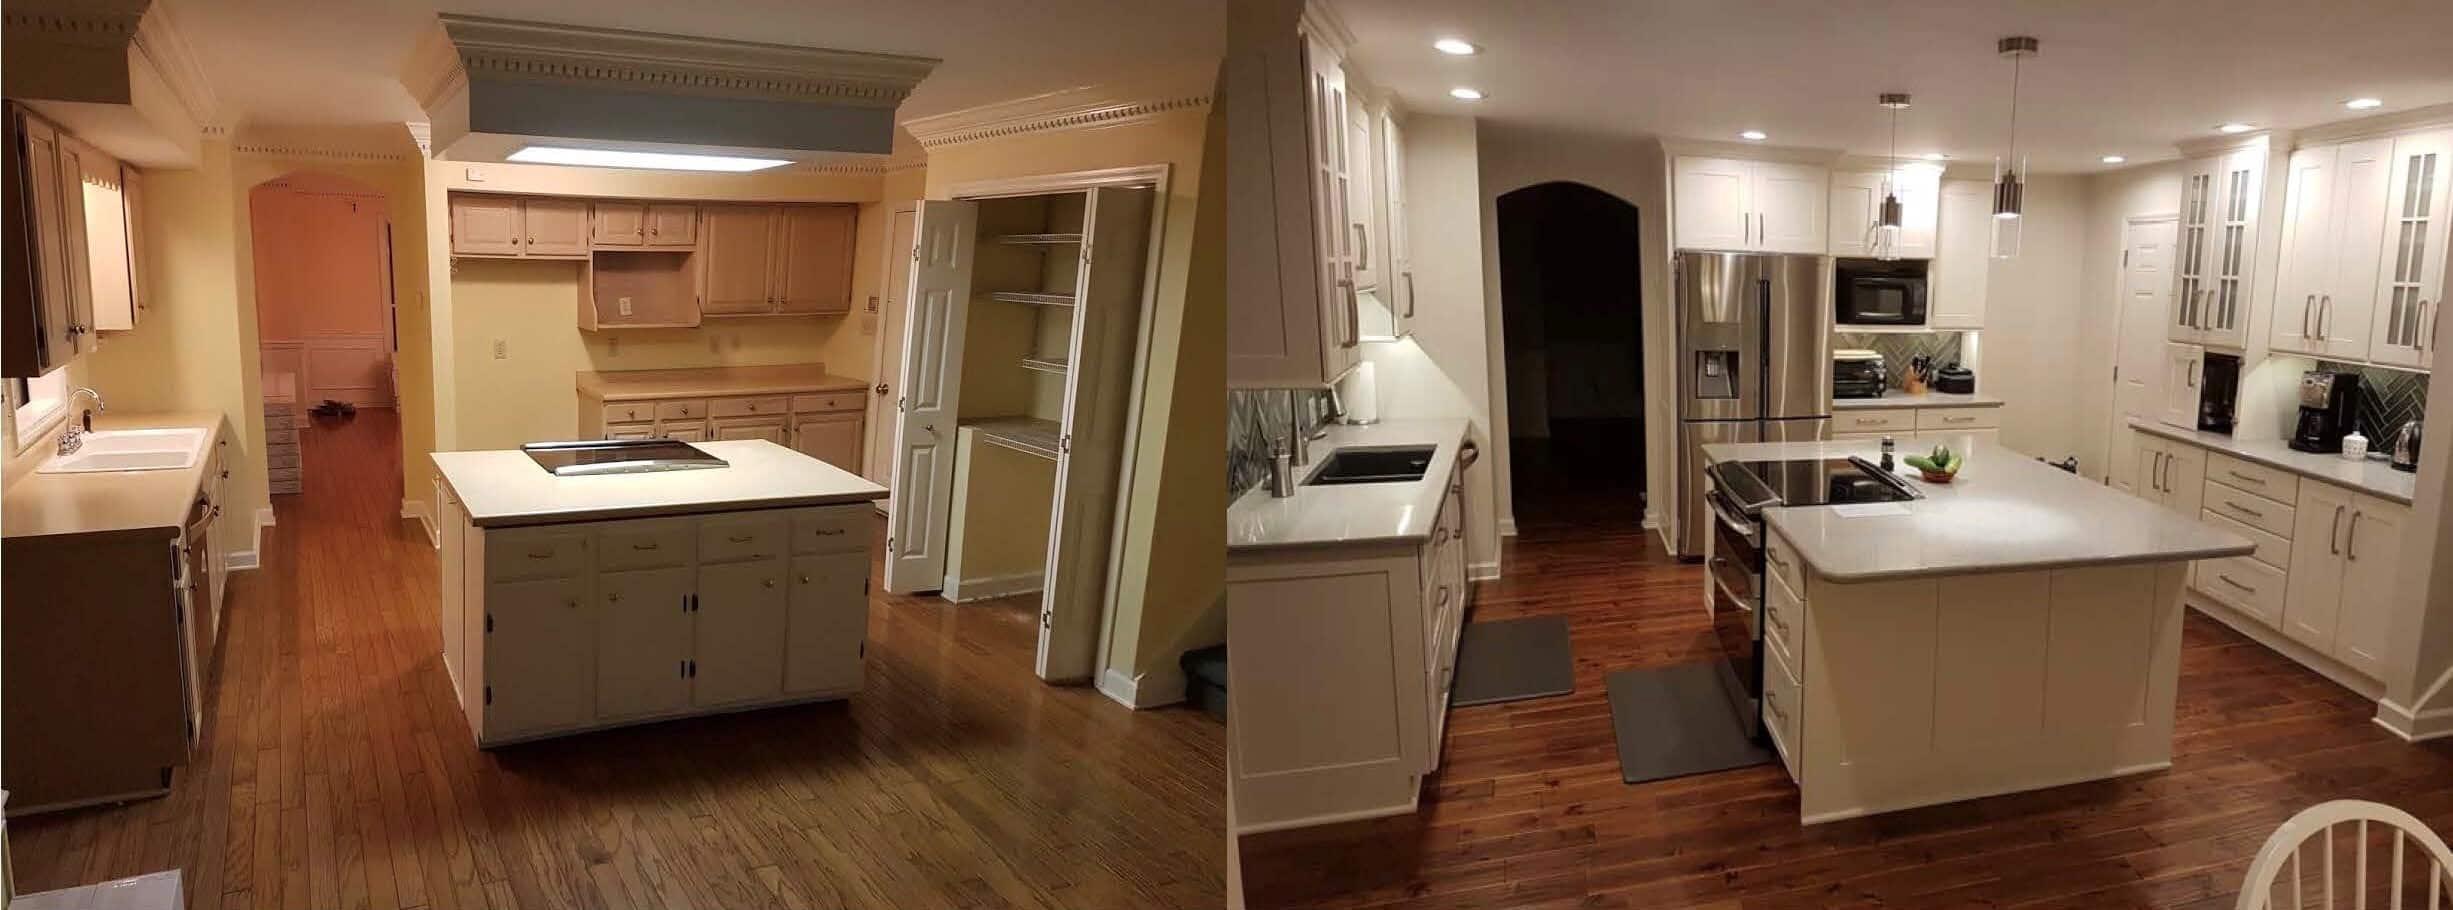 Standard kitchen bath showplace kitchen transformation for Typical kitchen